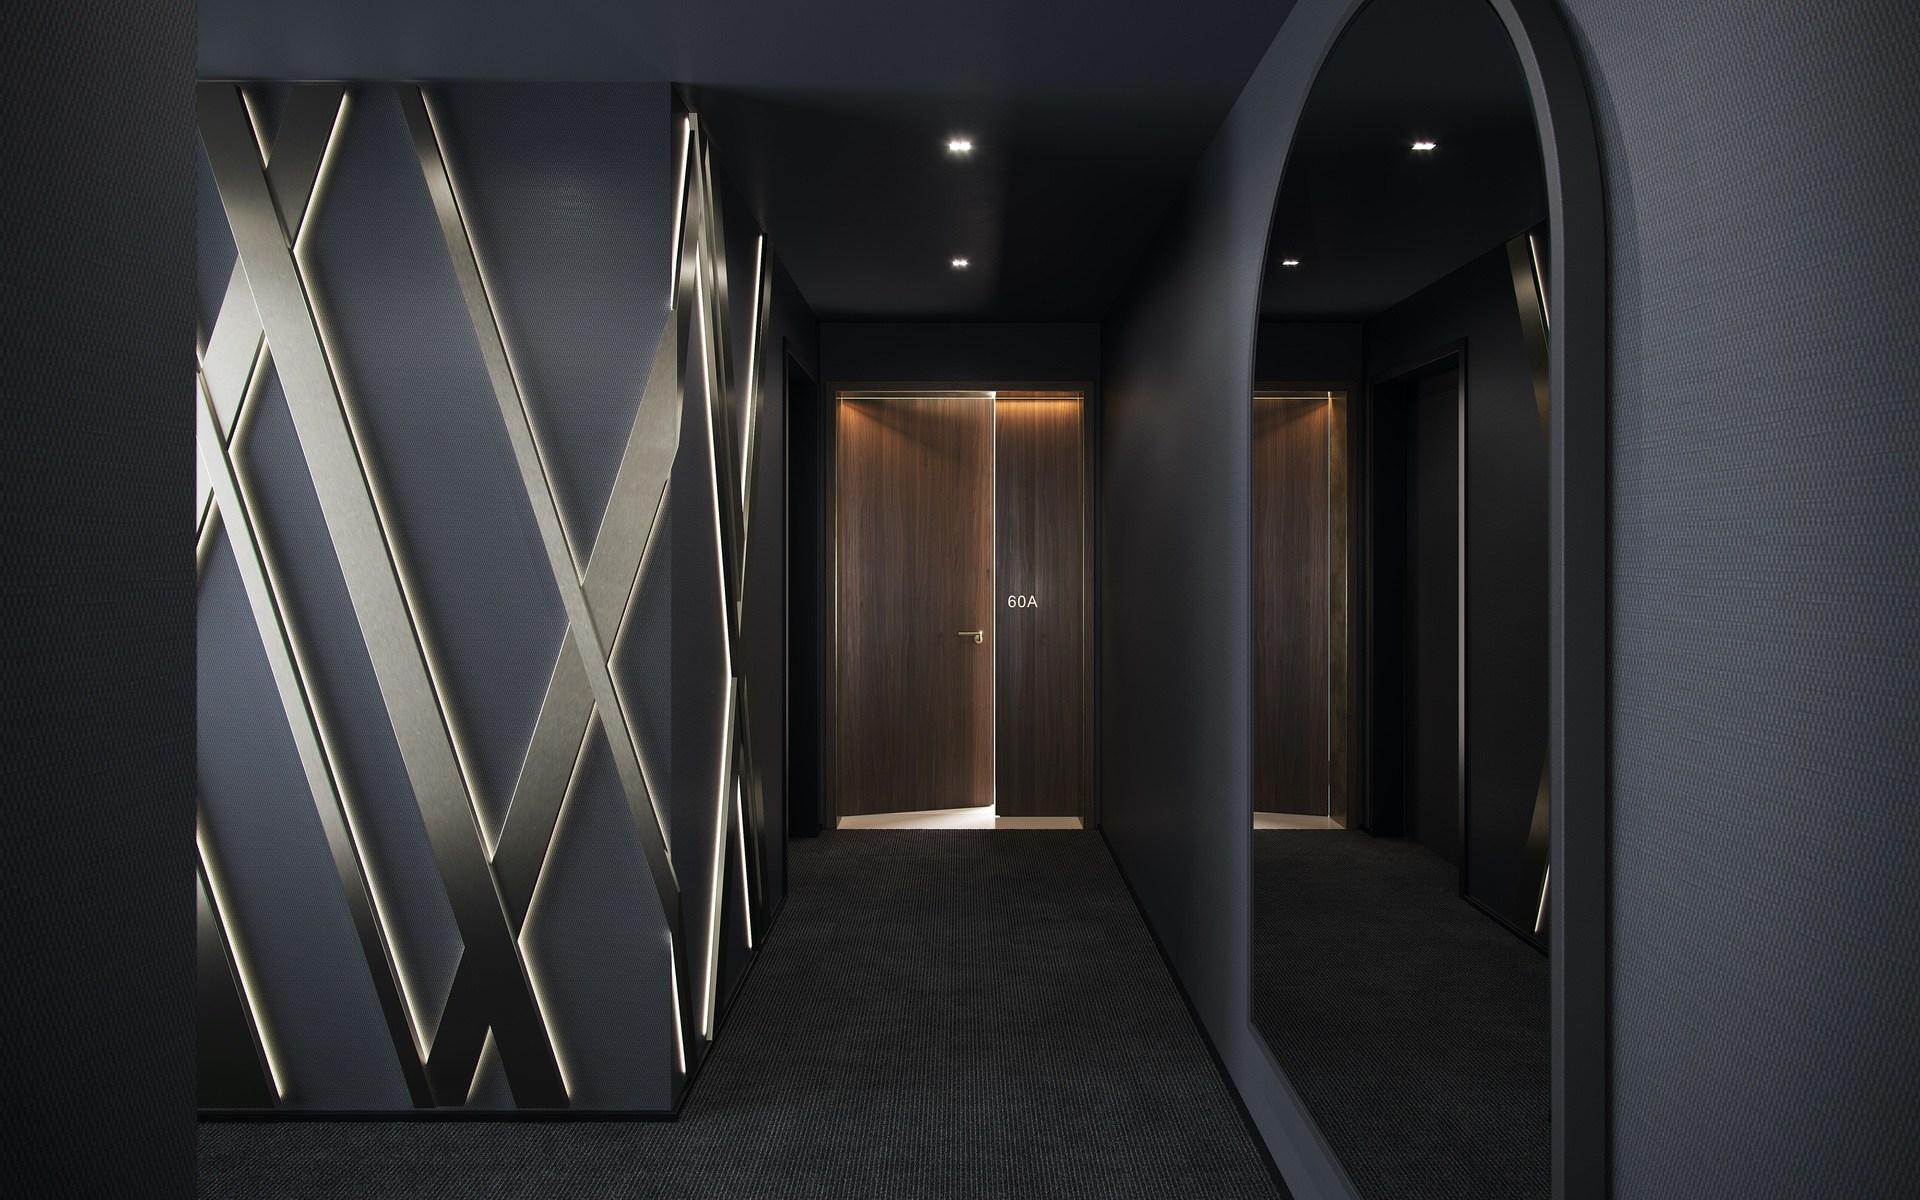 Aston_Martin_NY_Apartments_0008